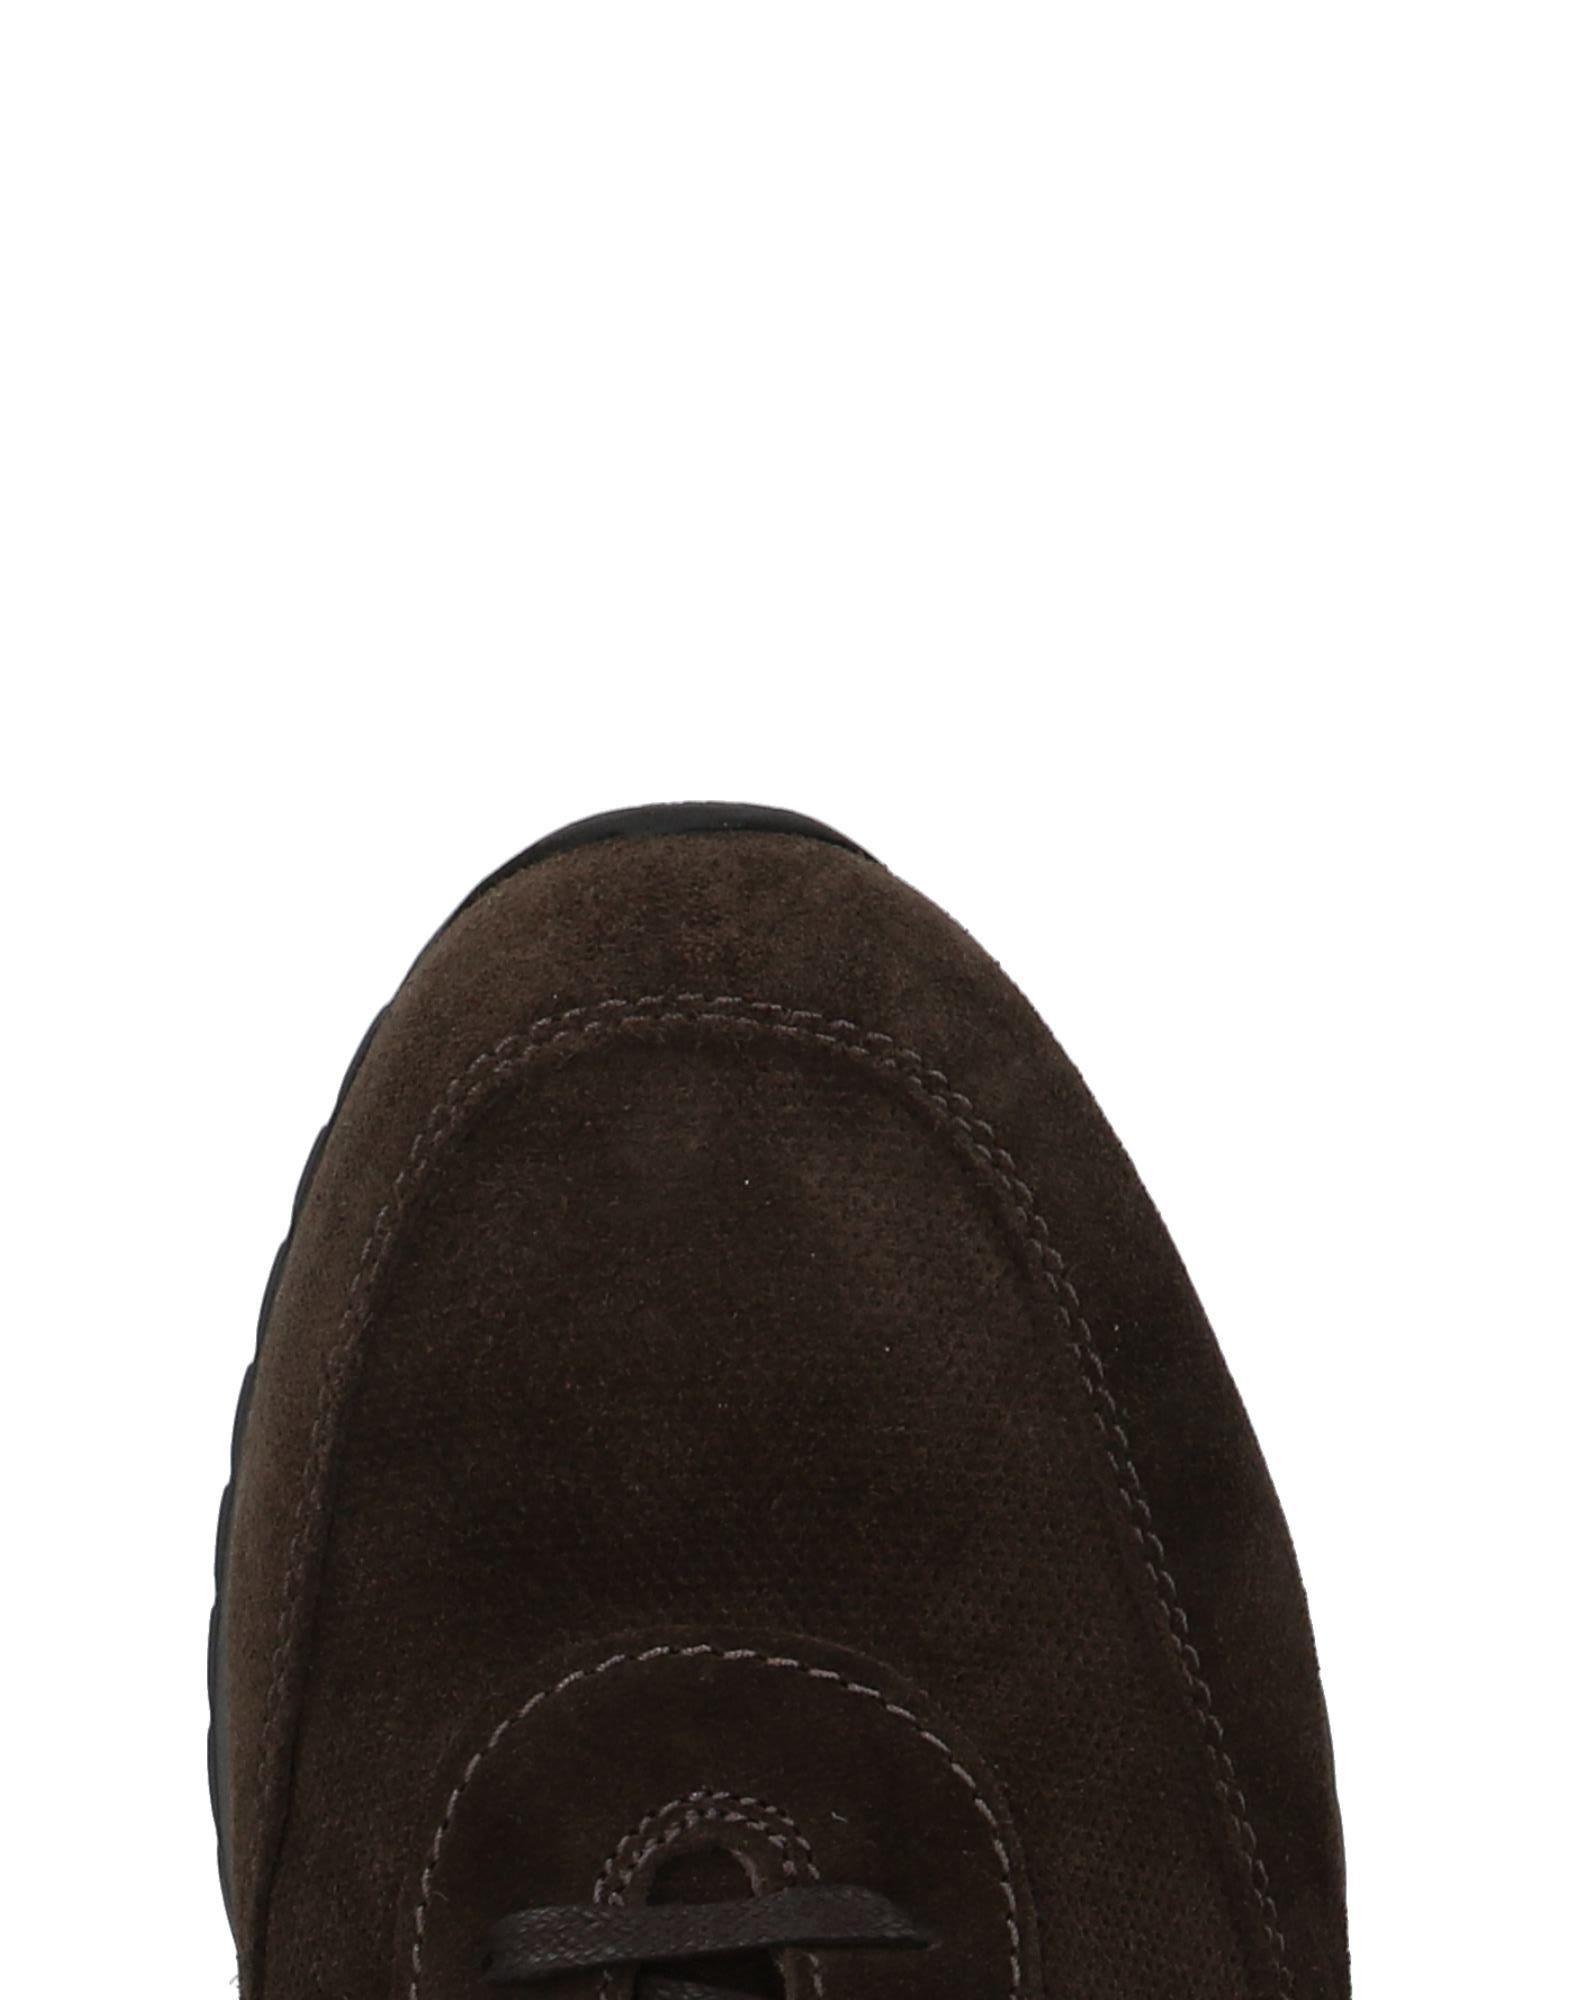 Rabatt echte Sneakers Schuhe Marco Ferretti Sneakers echte Herren  11497275CT 2cbc40